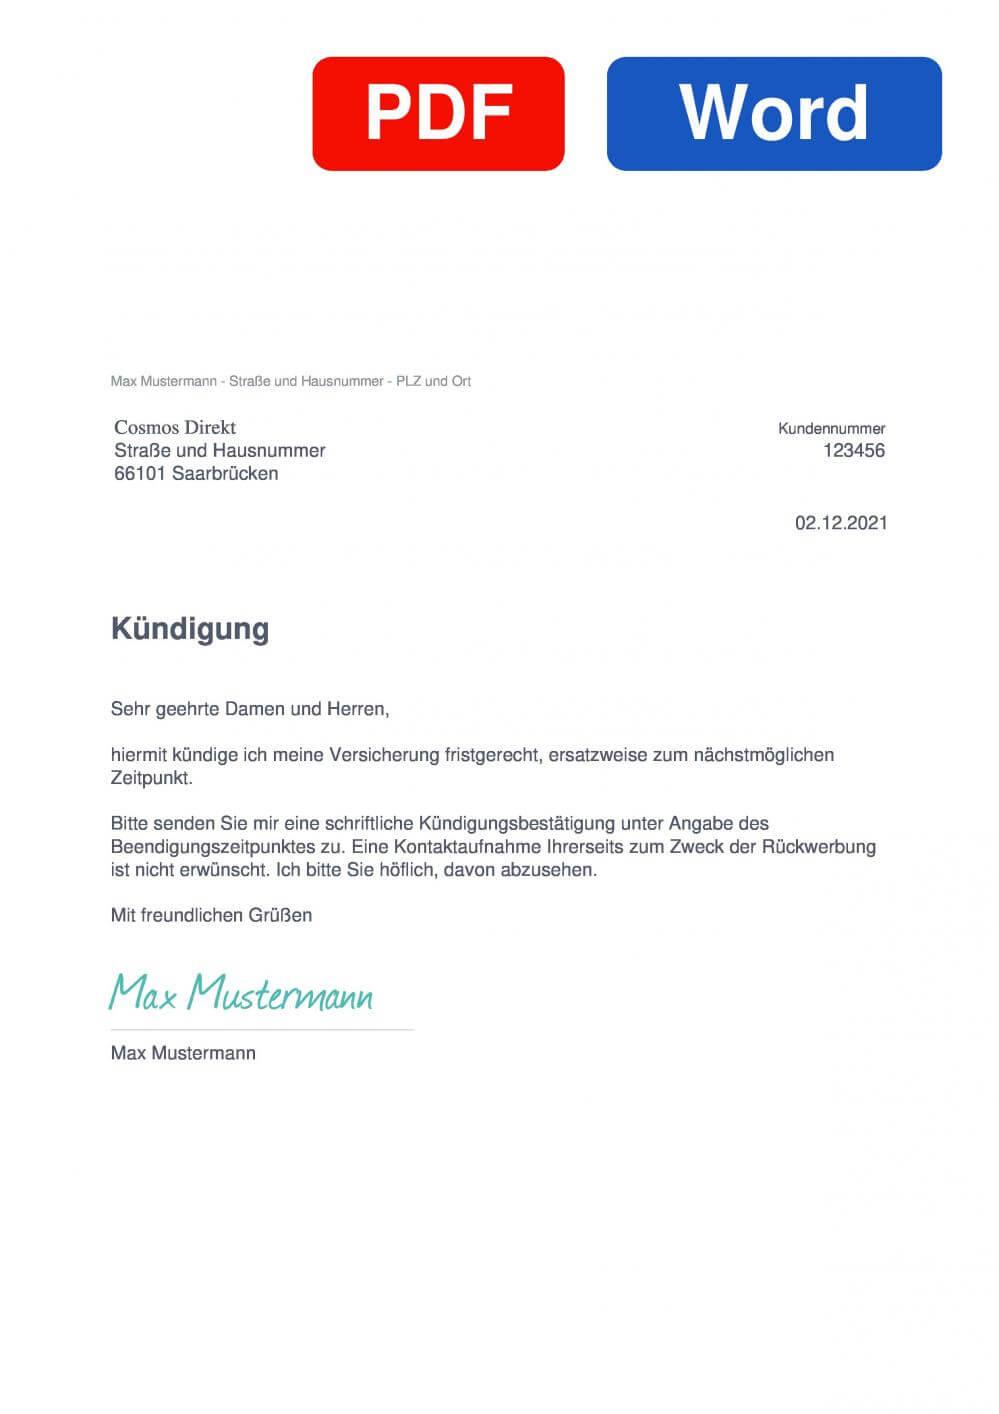 CosmosDirekt Haftpflichtversicherung Muster Vorlage für Kündigungsschreiben